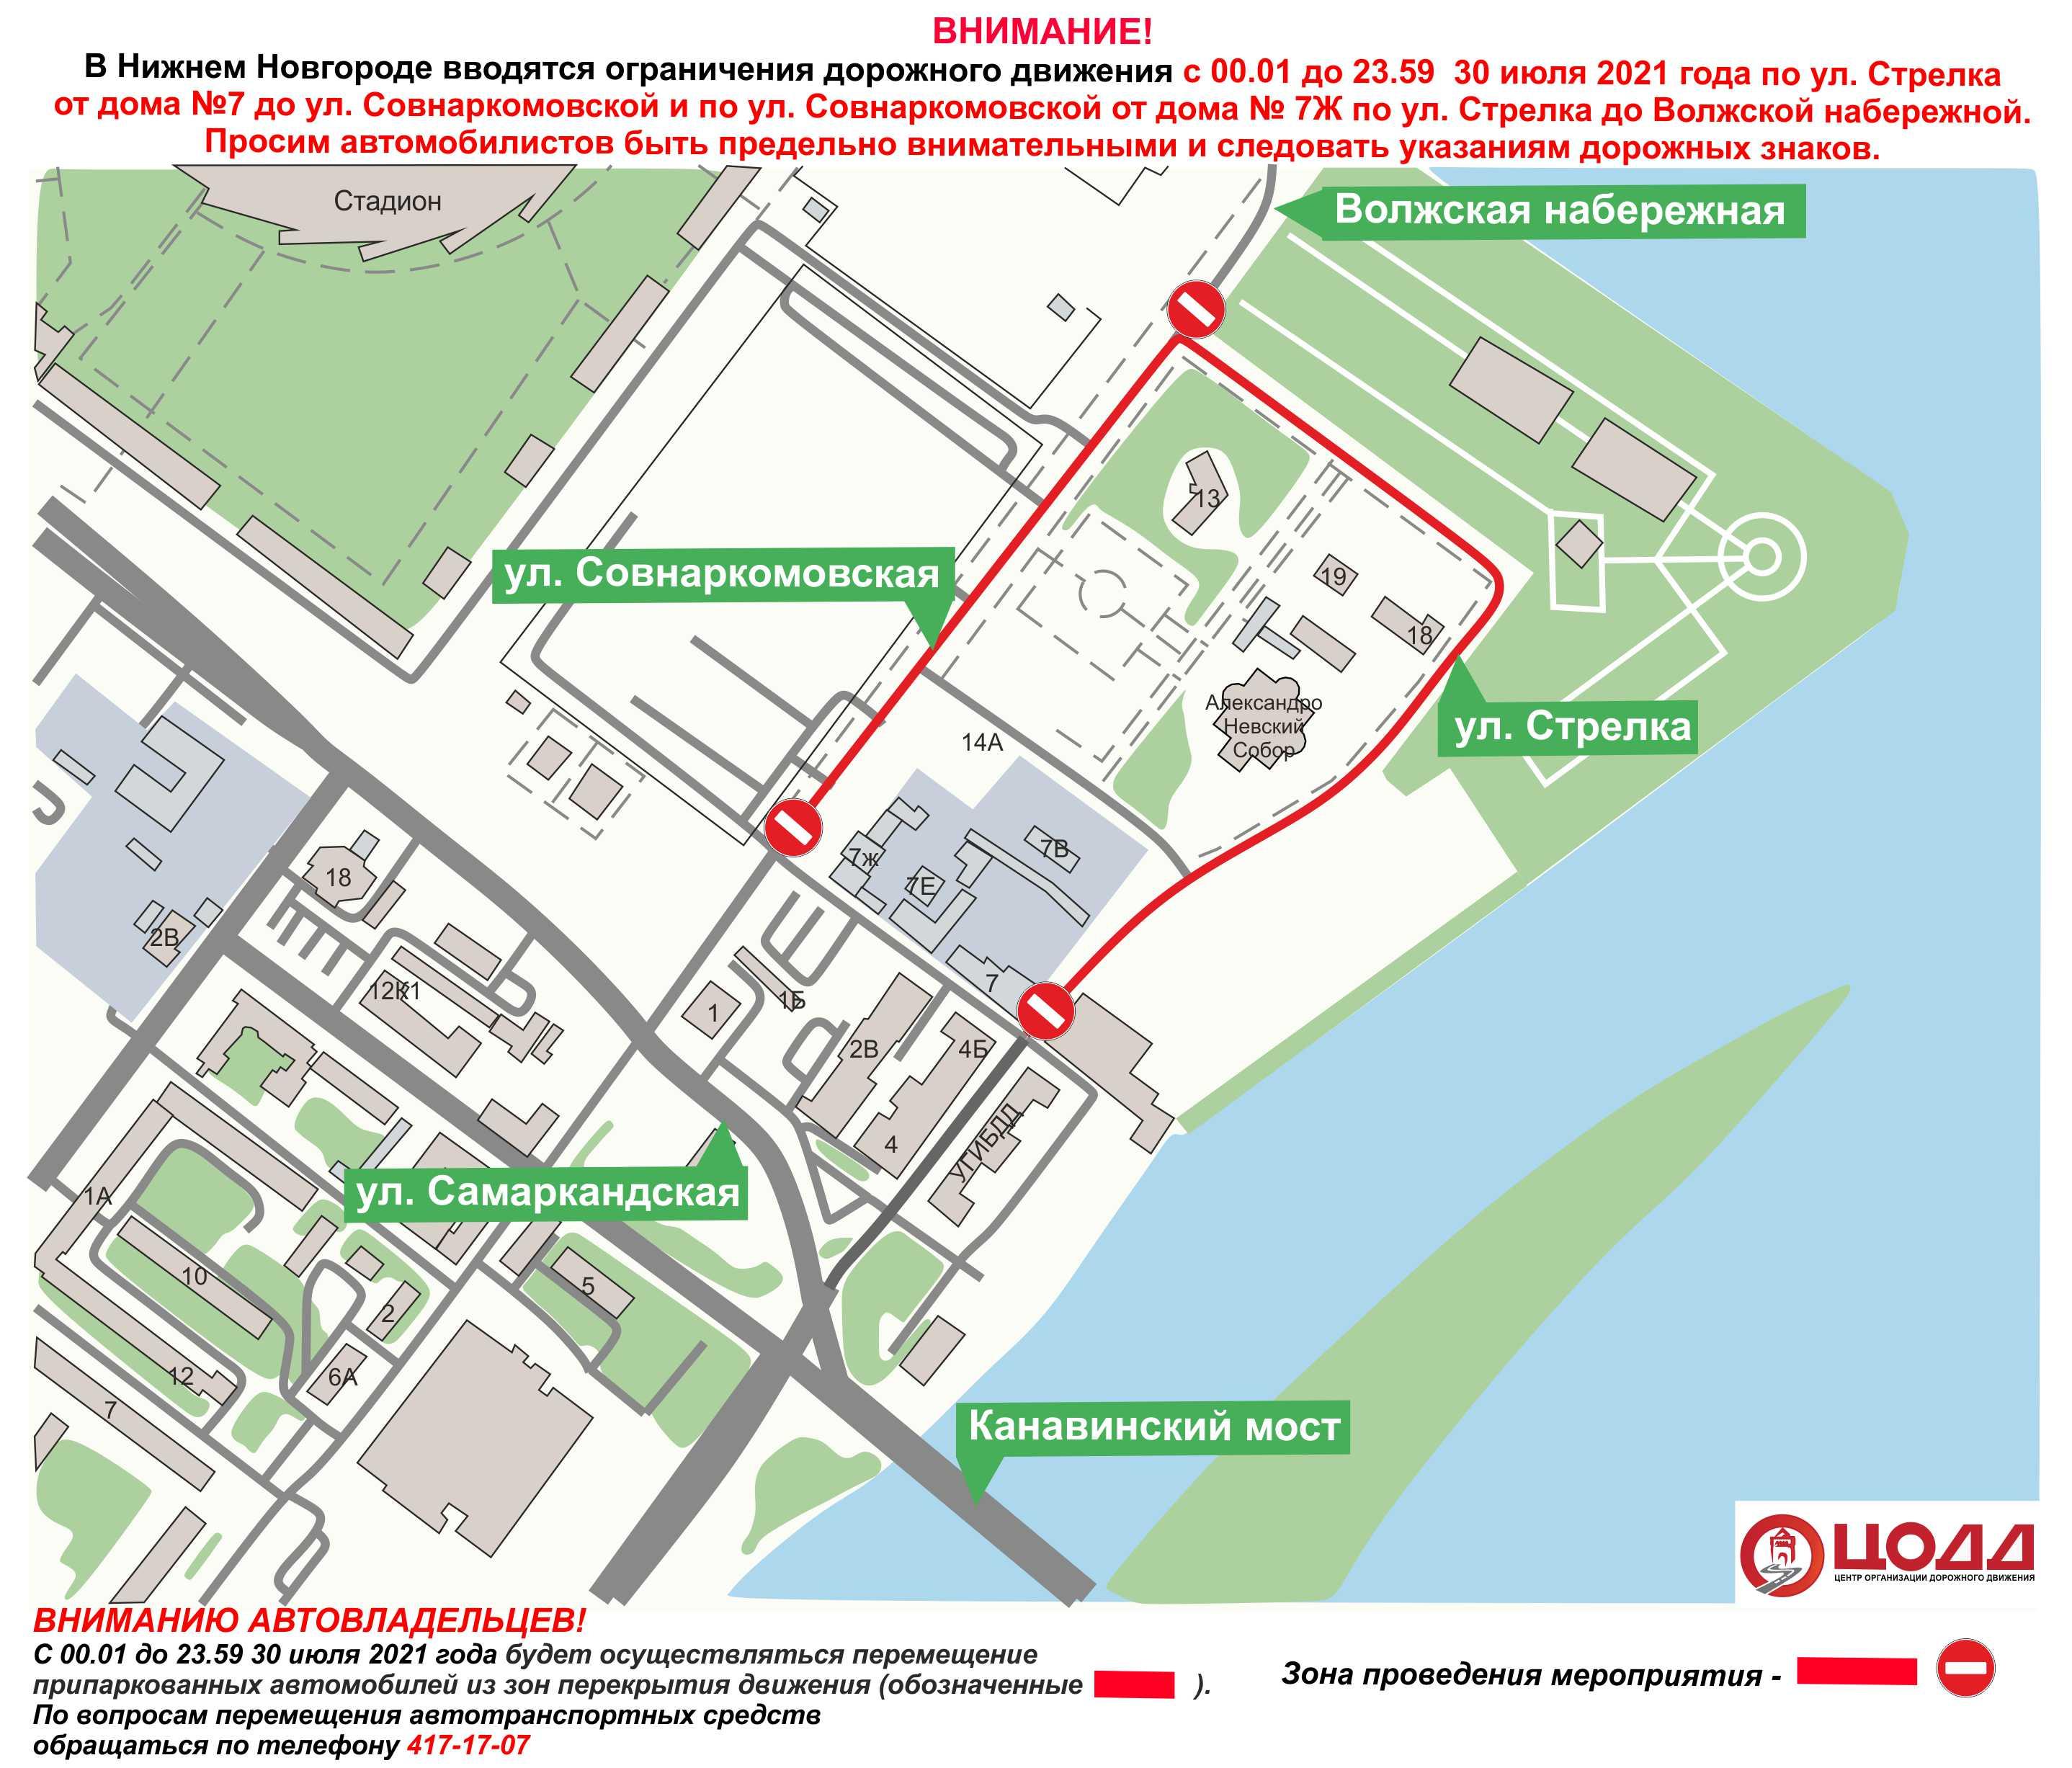 Часть Стрелки и Совнаркомовской закроют для транспорта 30 июля - фото 1